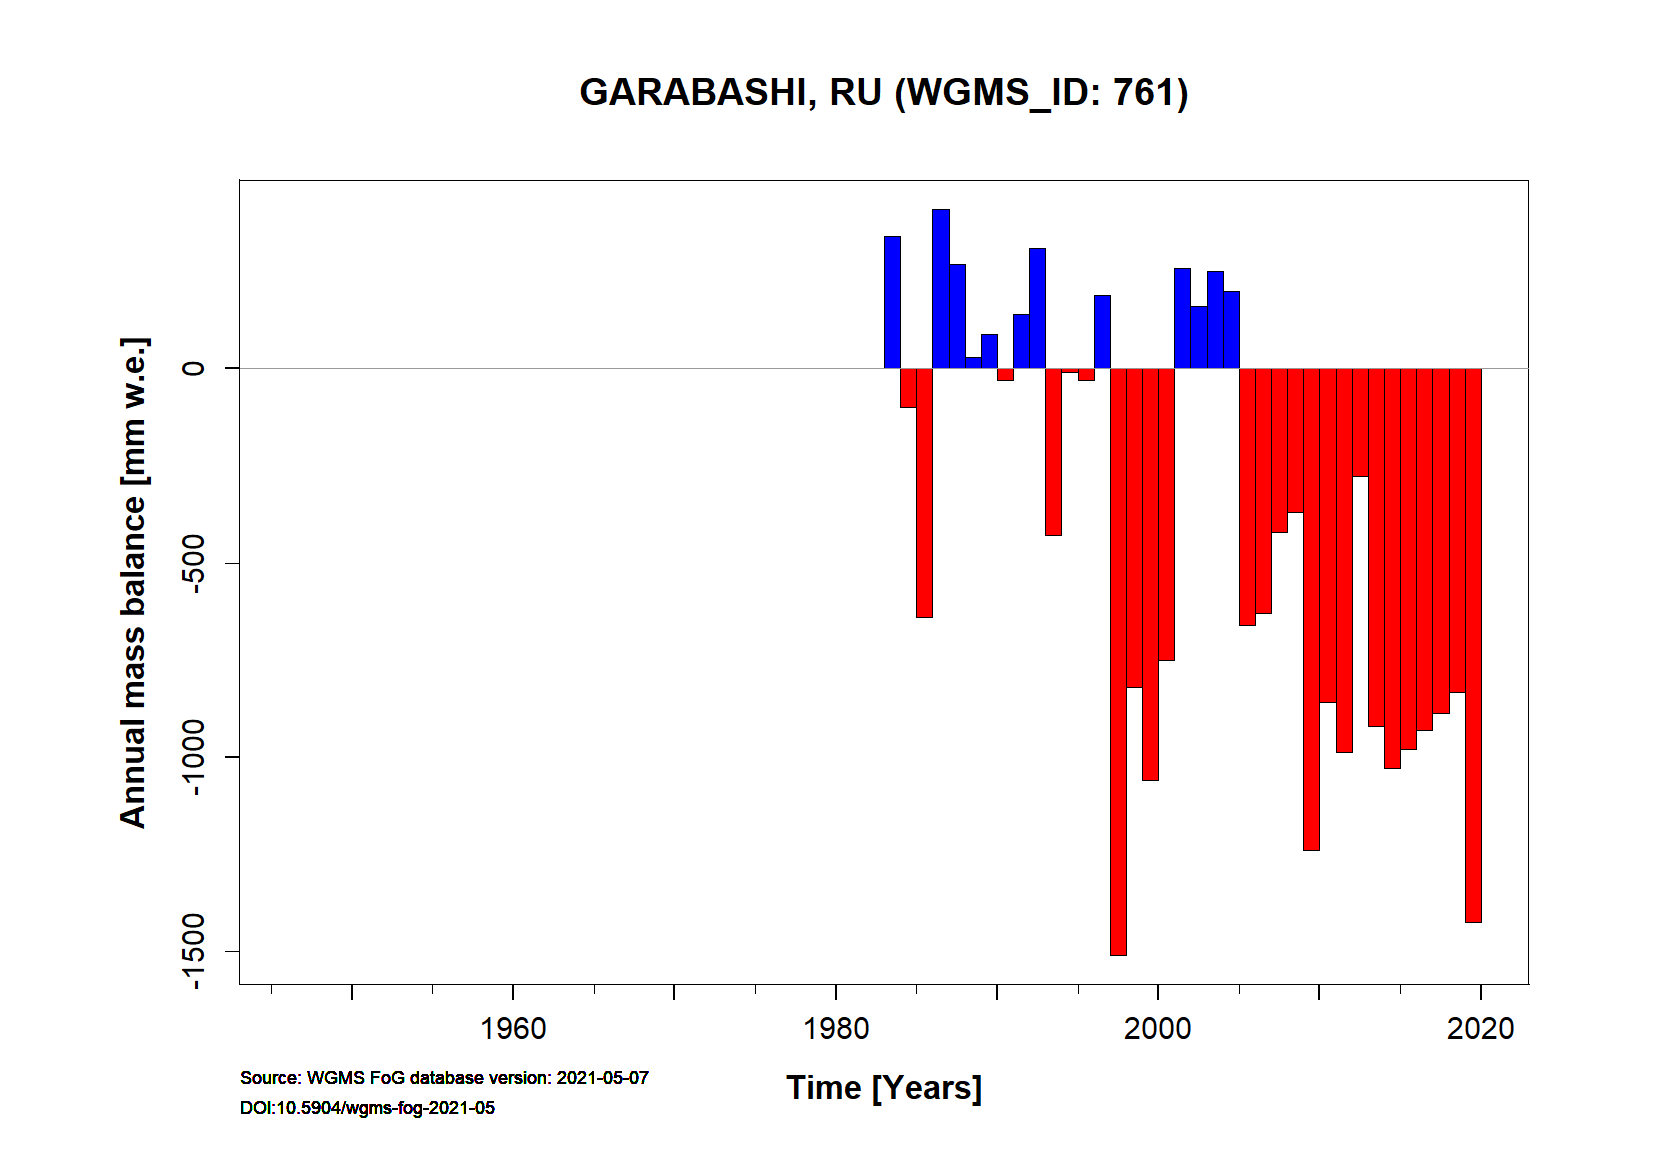 Garabashi glacier Annual Mass Balance (WGMS, 2018)